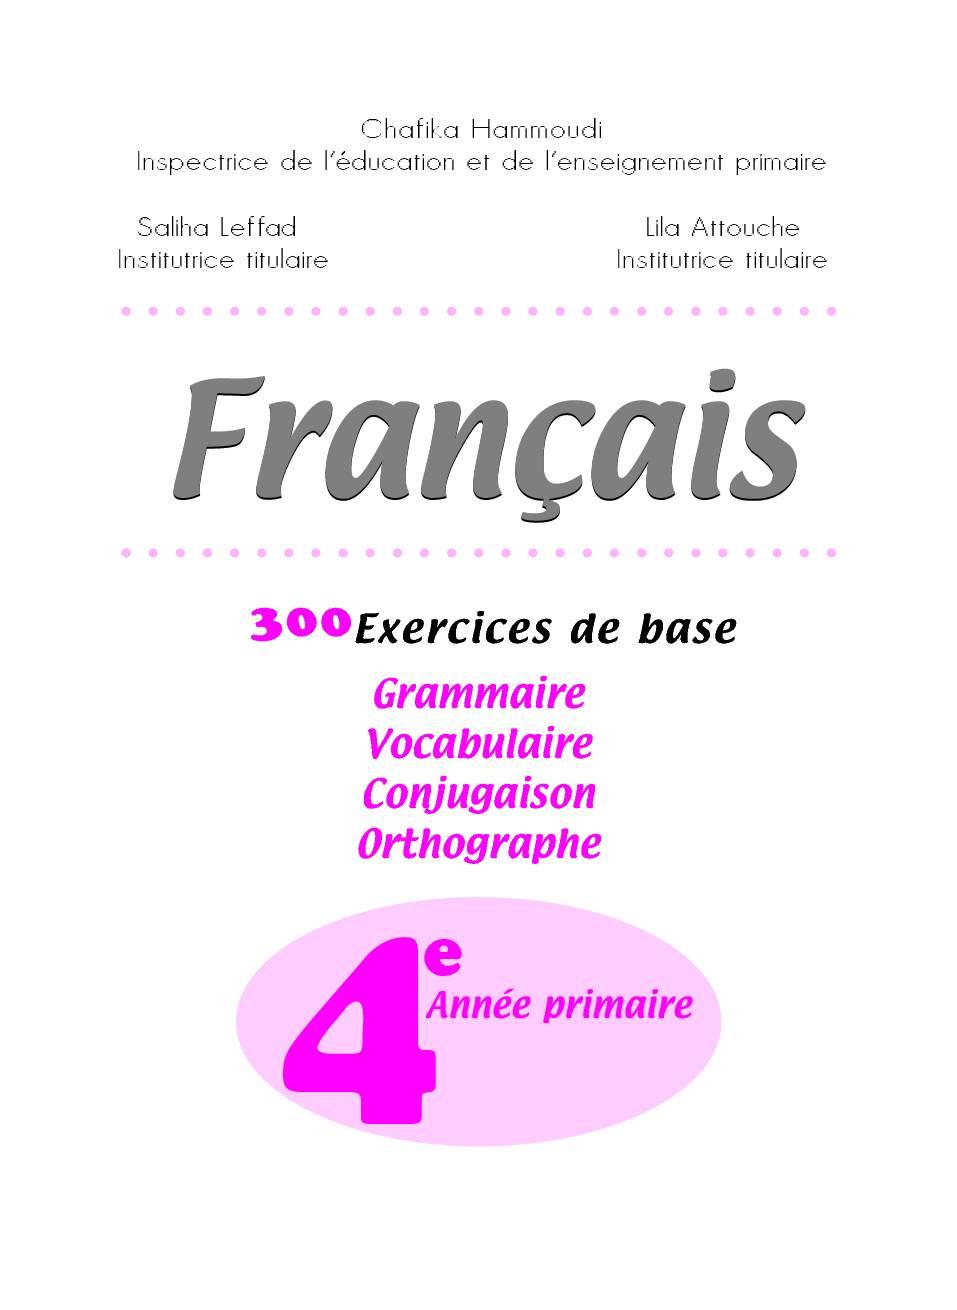 300 Exercices de base en français